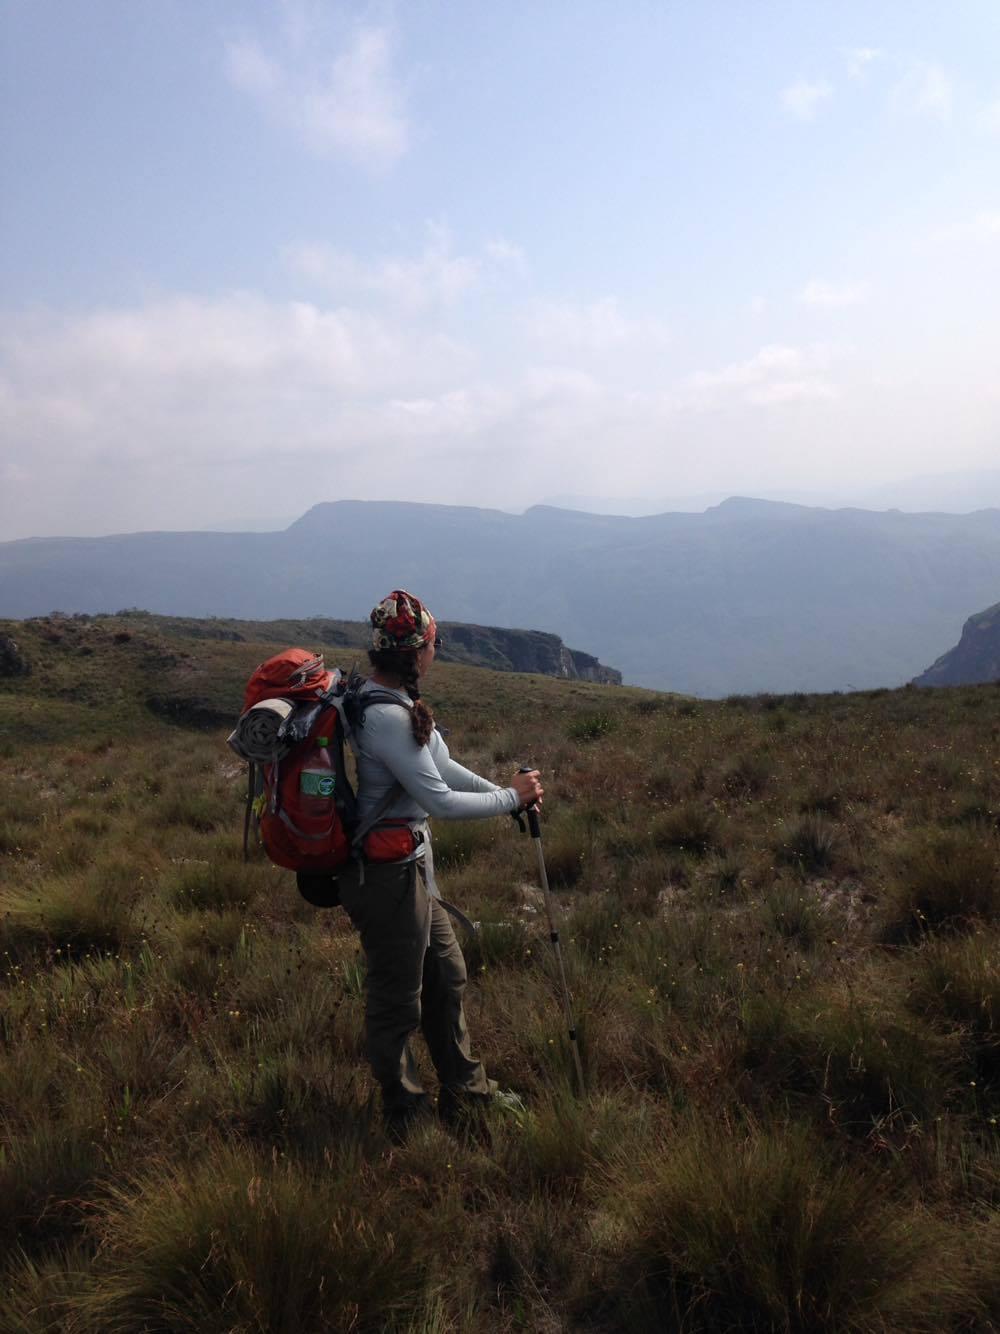 Carina fazendo caminhada na Serra do Cipó (Região do Travessão, em MG) na sua fase de preparação.